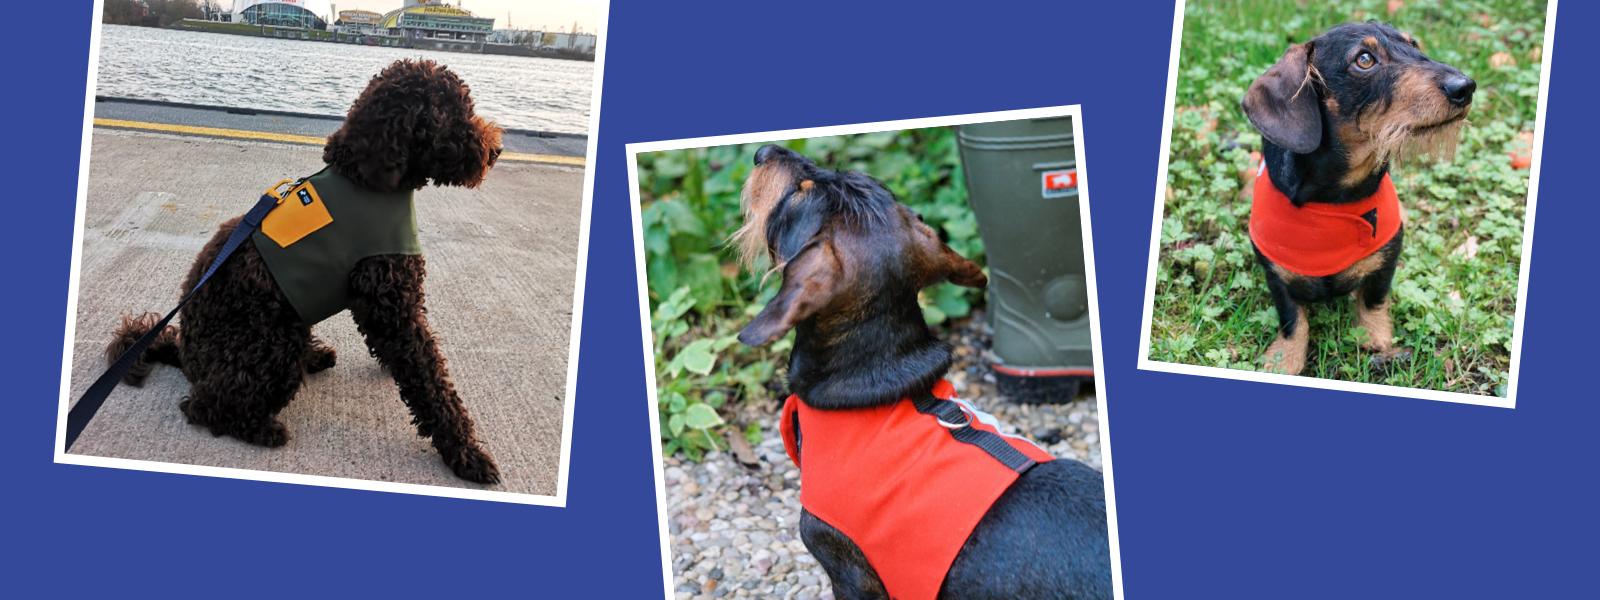 Dekoratives Headerbild zum Thema Hundegeschirre